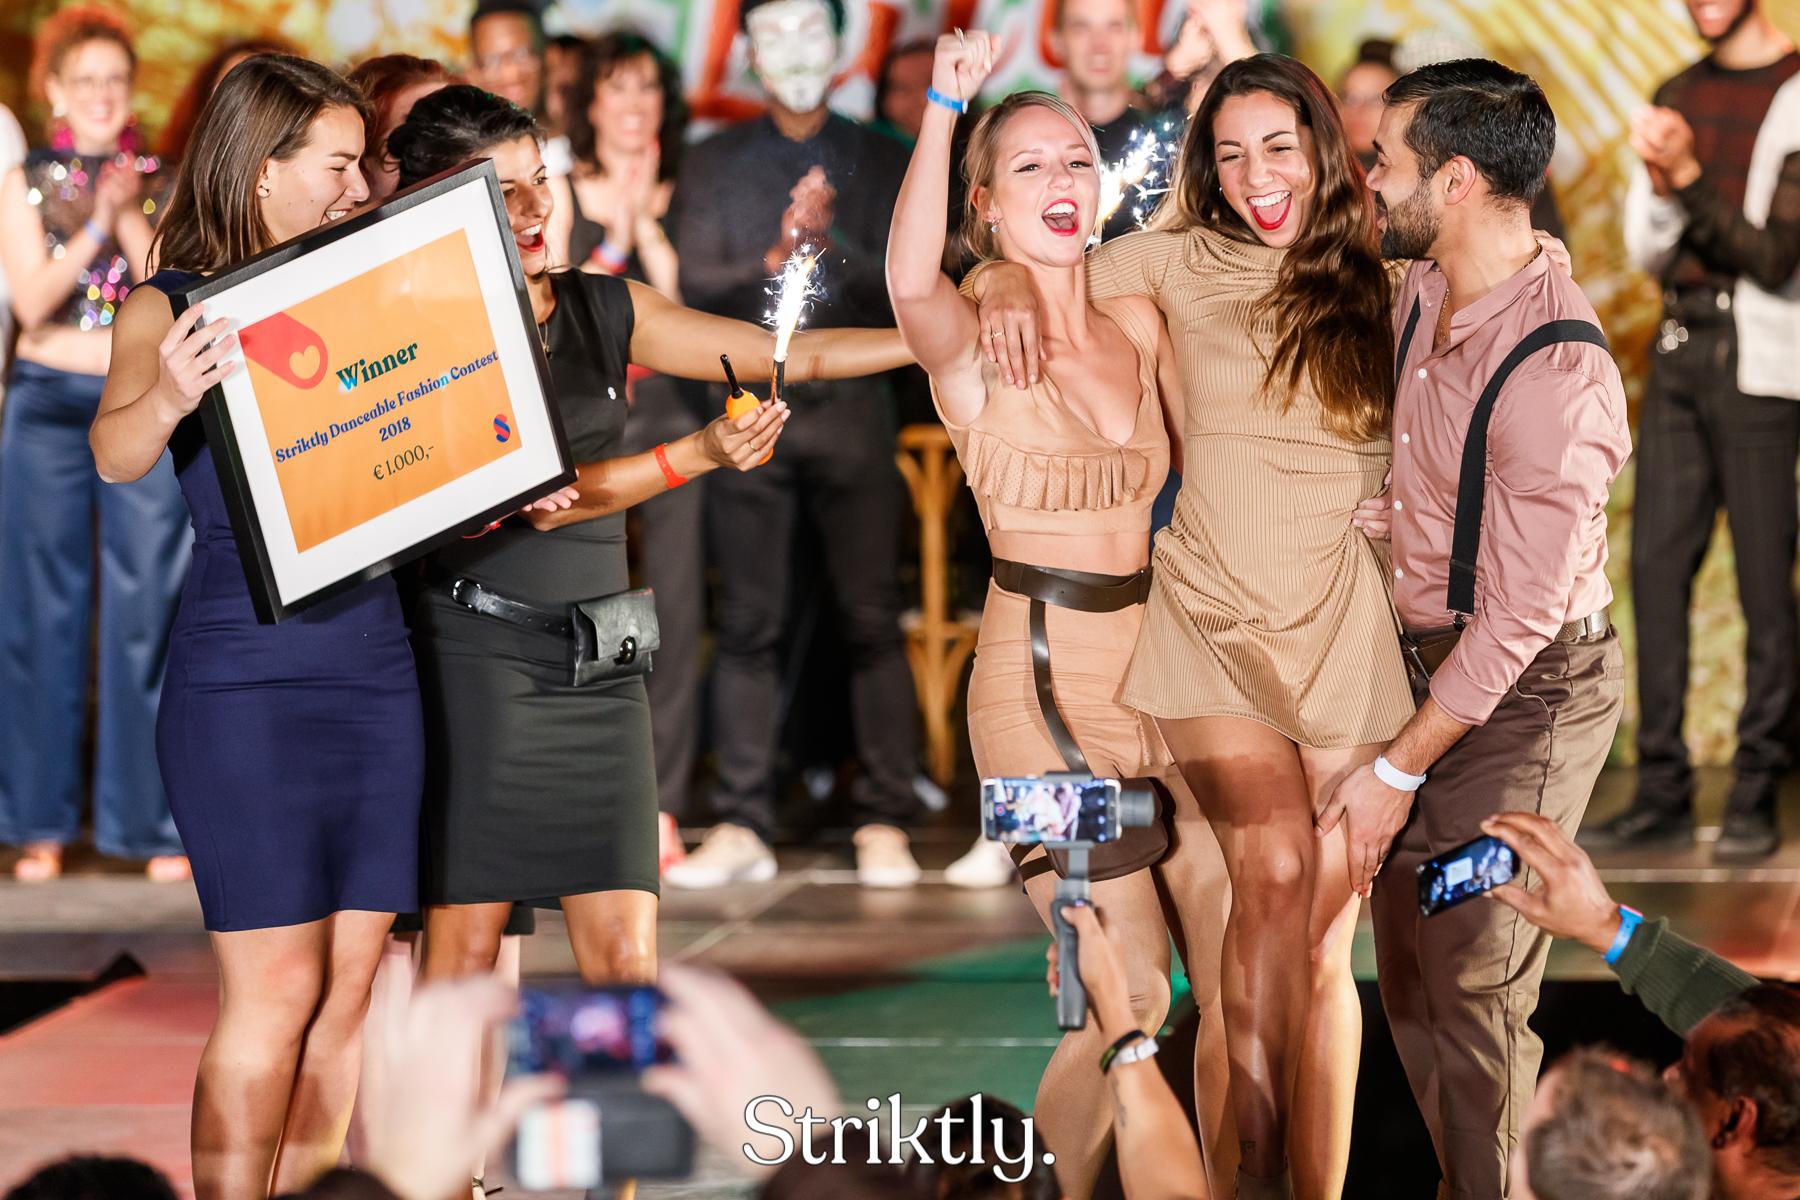 Striktly dancewear - winner